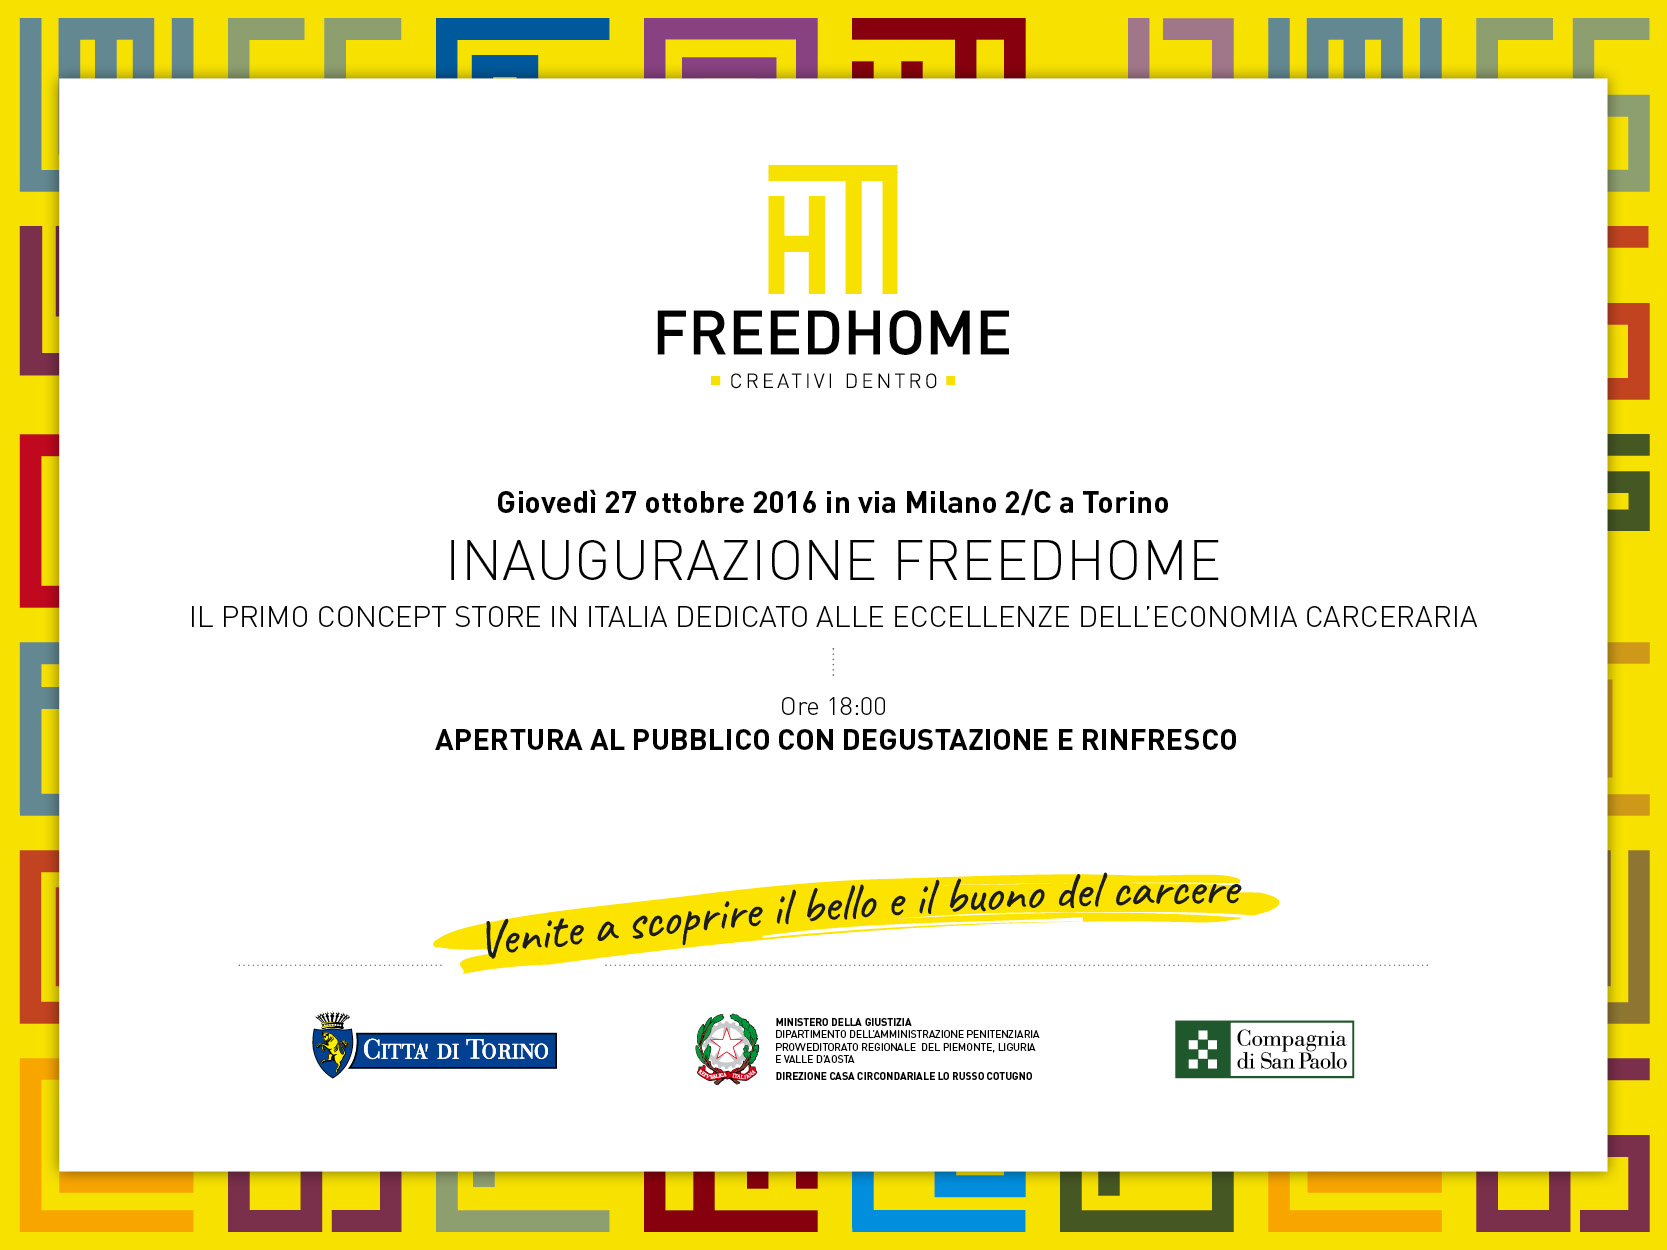 invito-apertura-freedhome